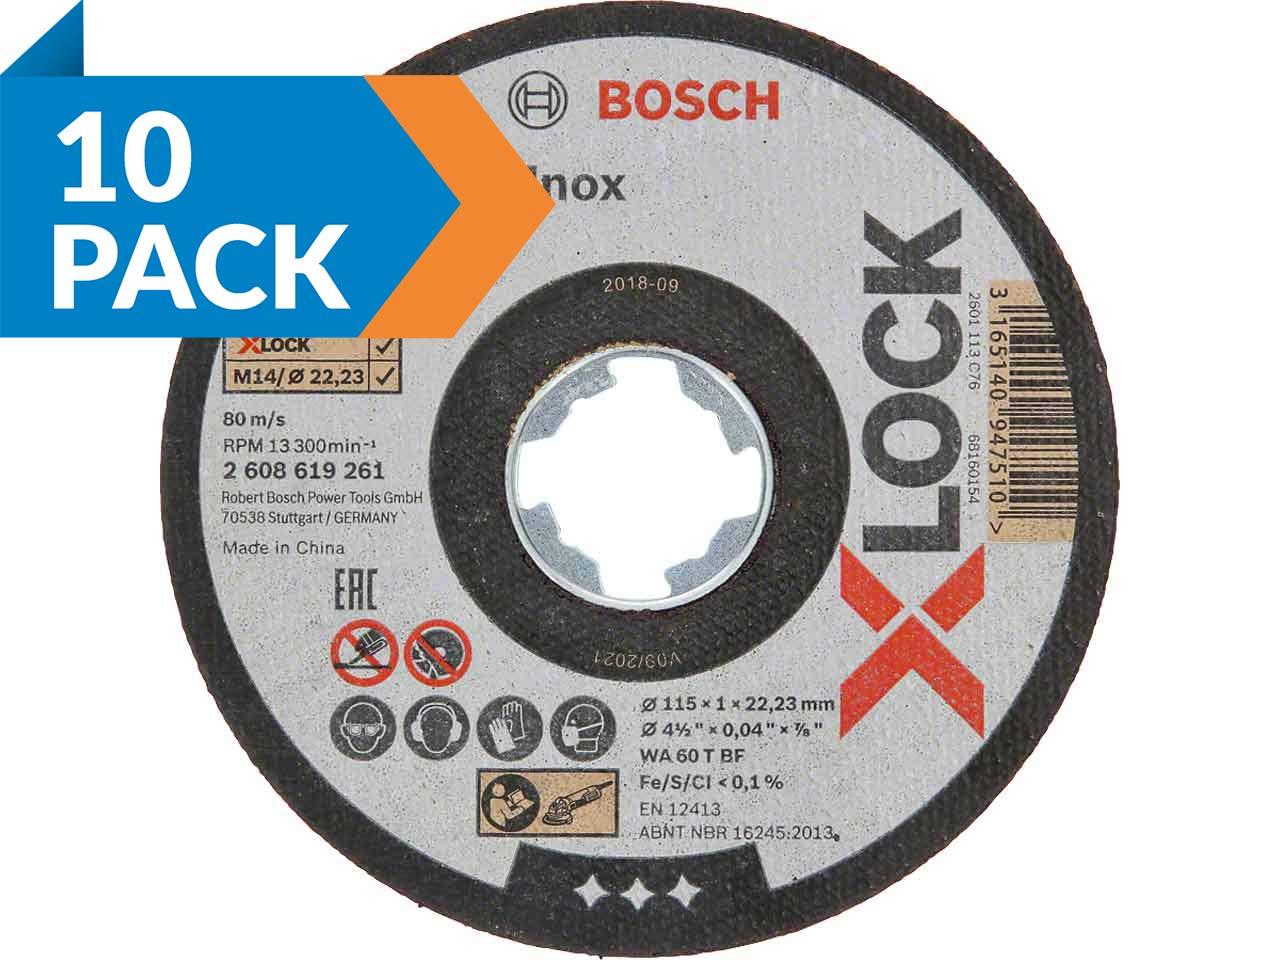 Bosch_2608619266_v2.jpg